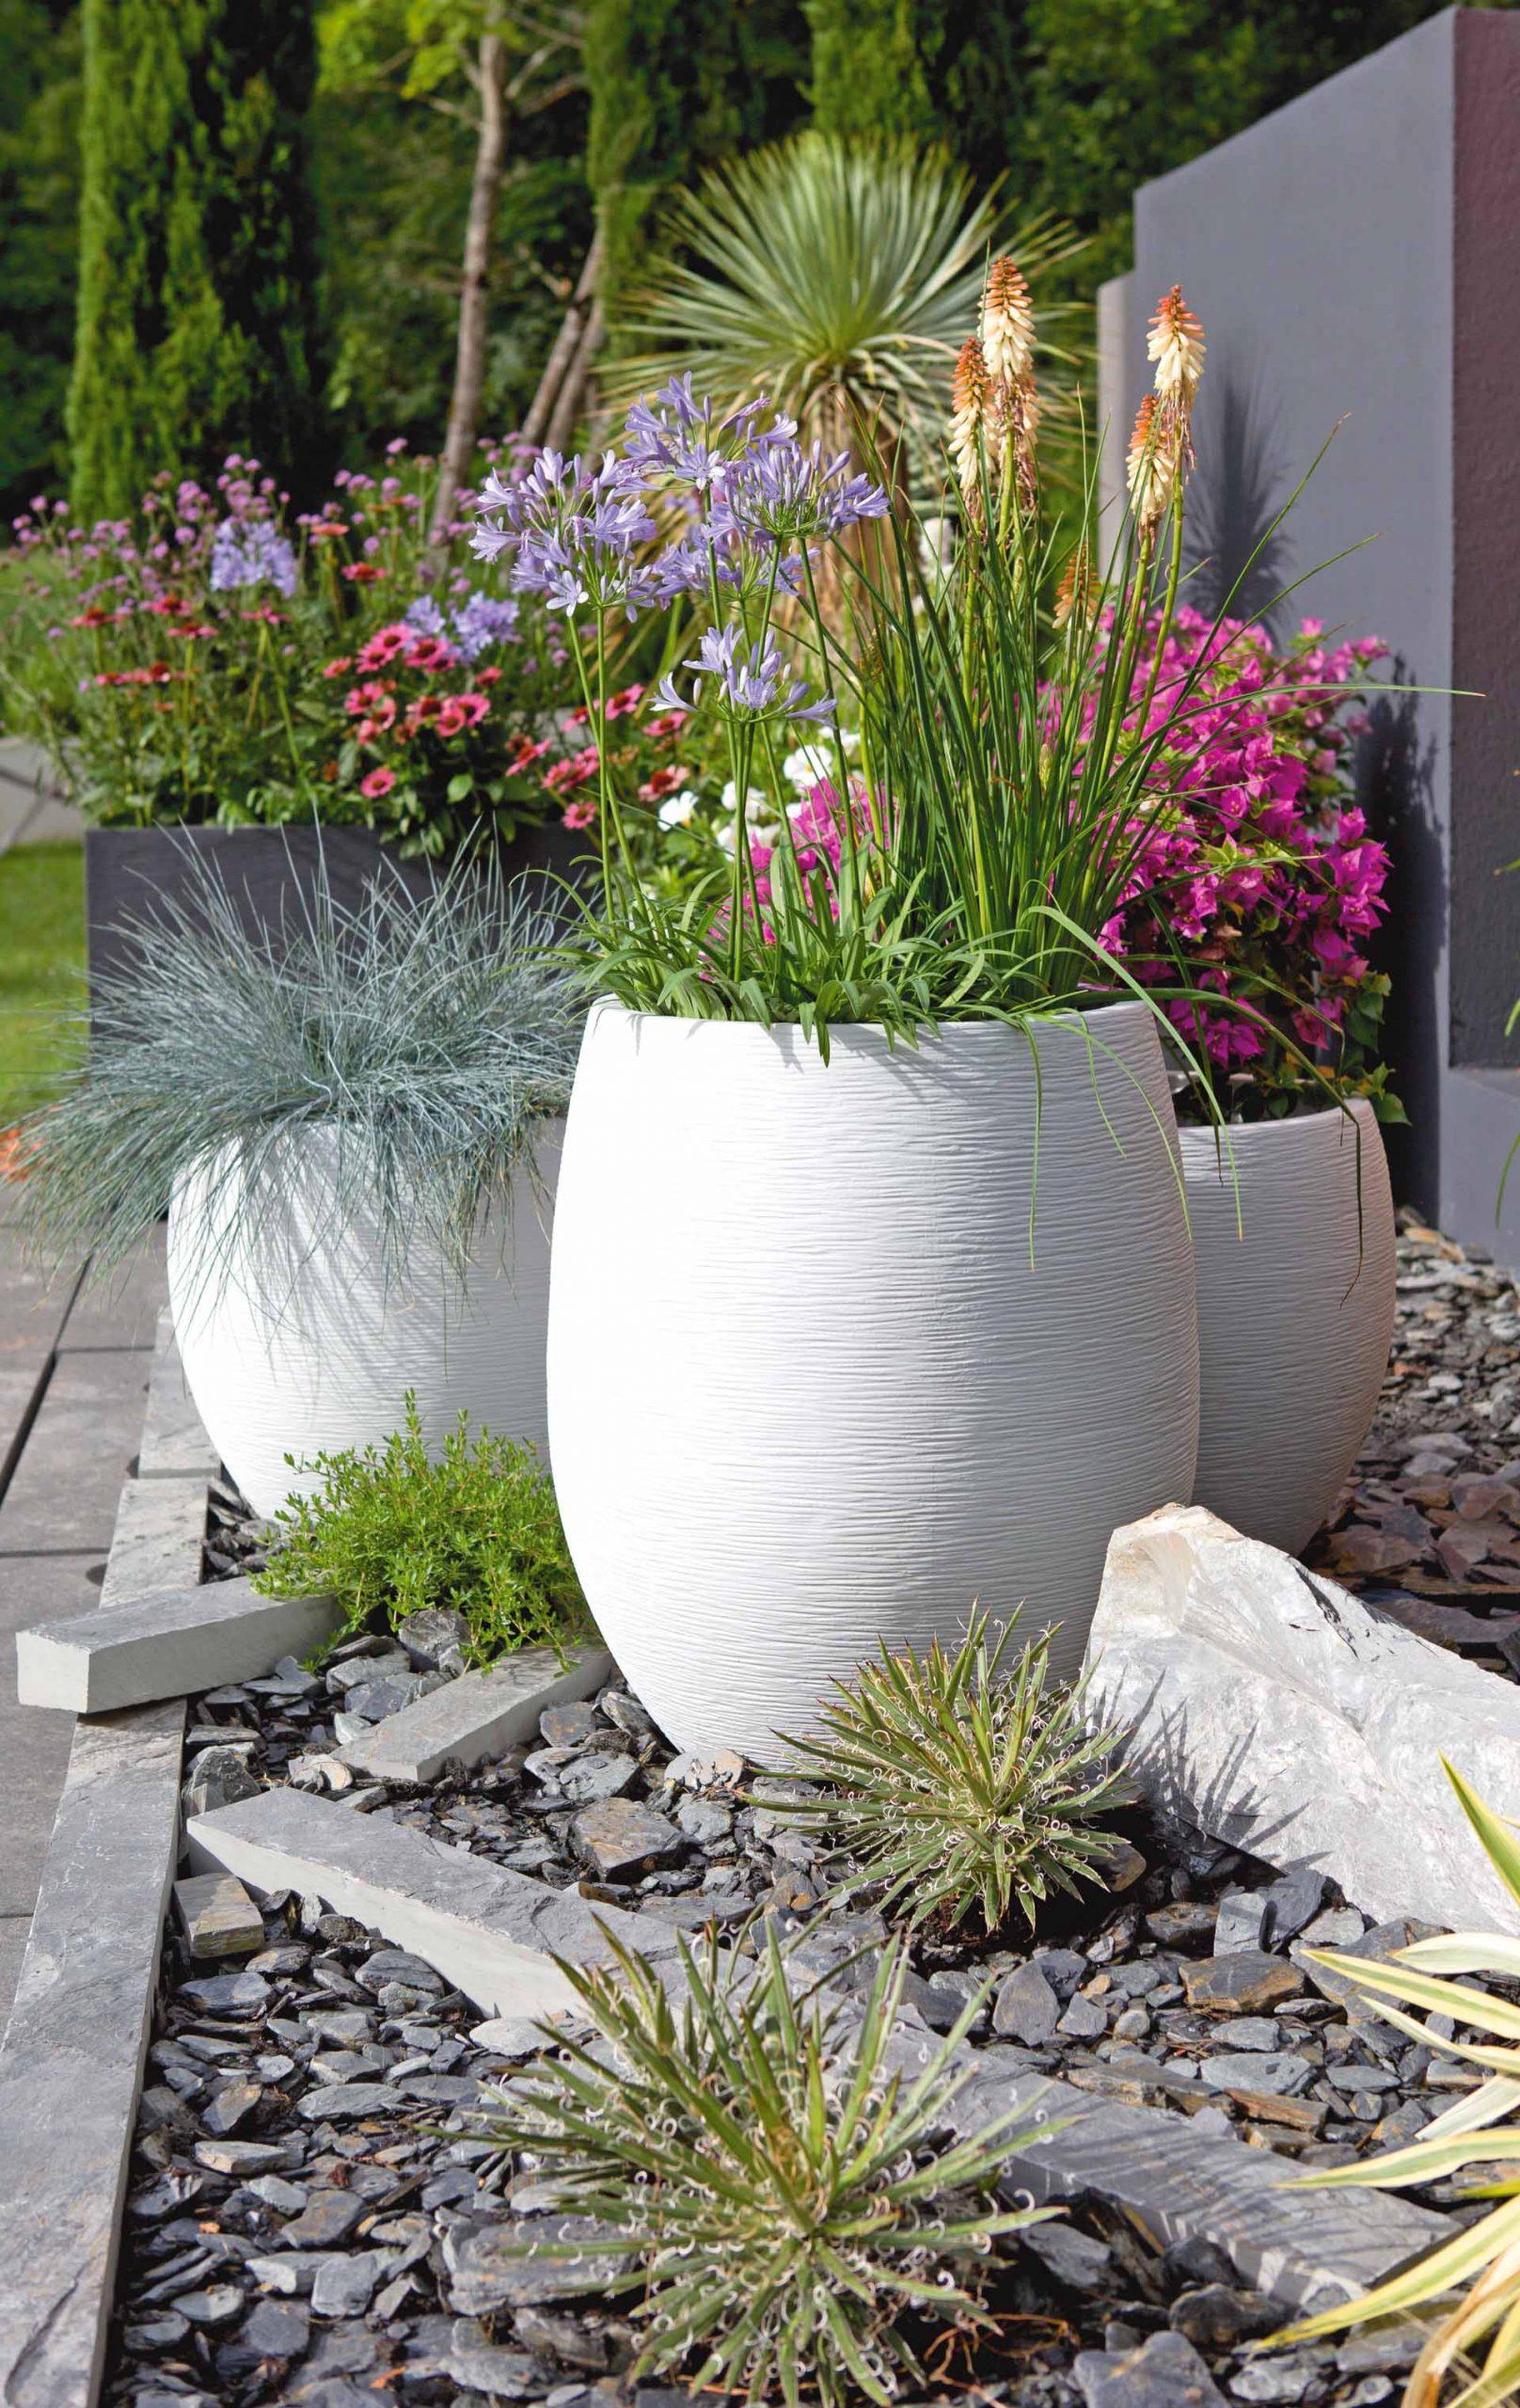 Idées De Décos Pour Le Jardin En Été avec Massif Decoratif Exterieur